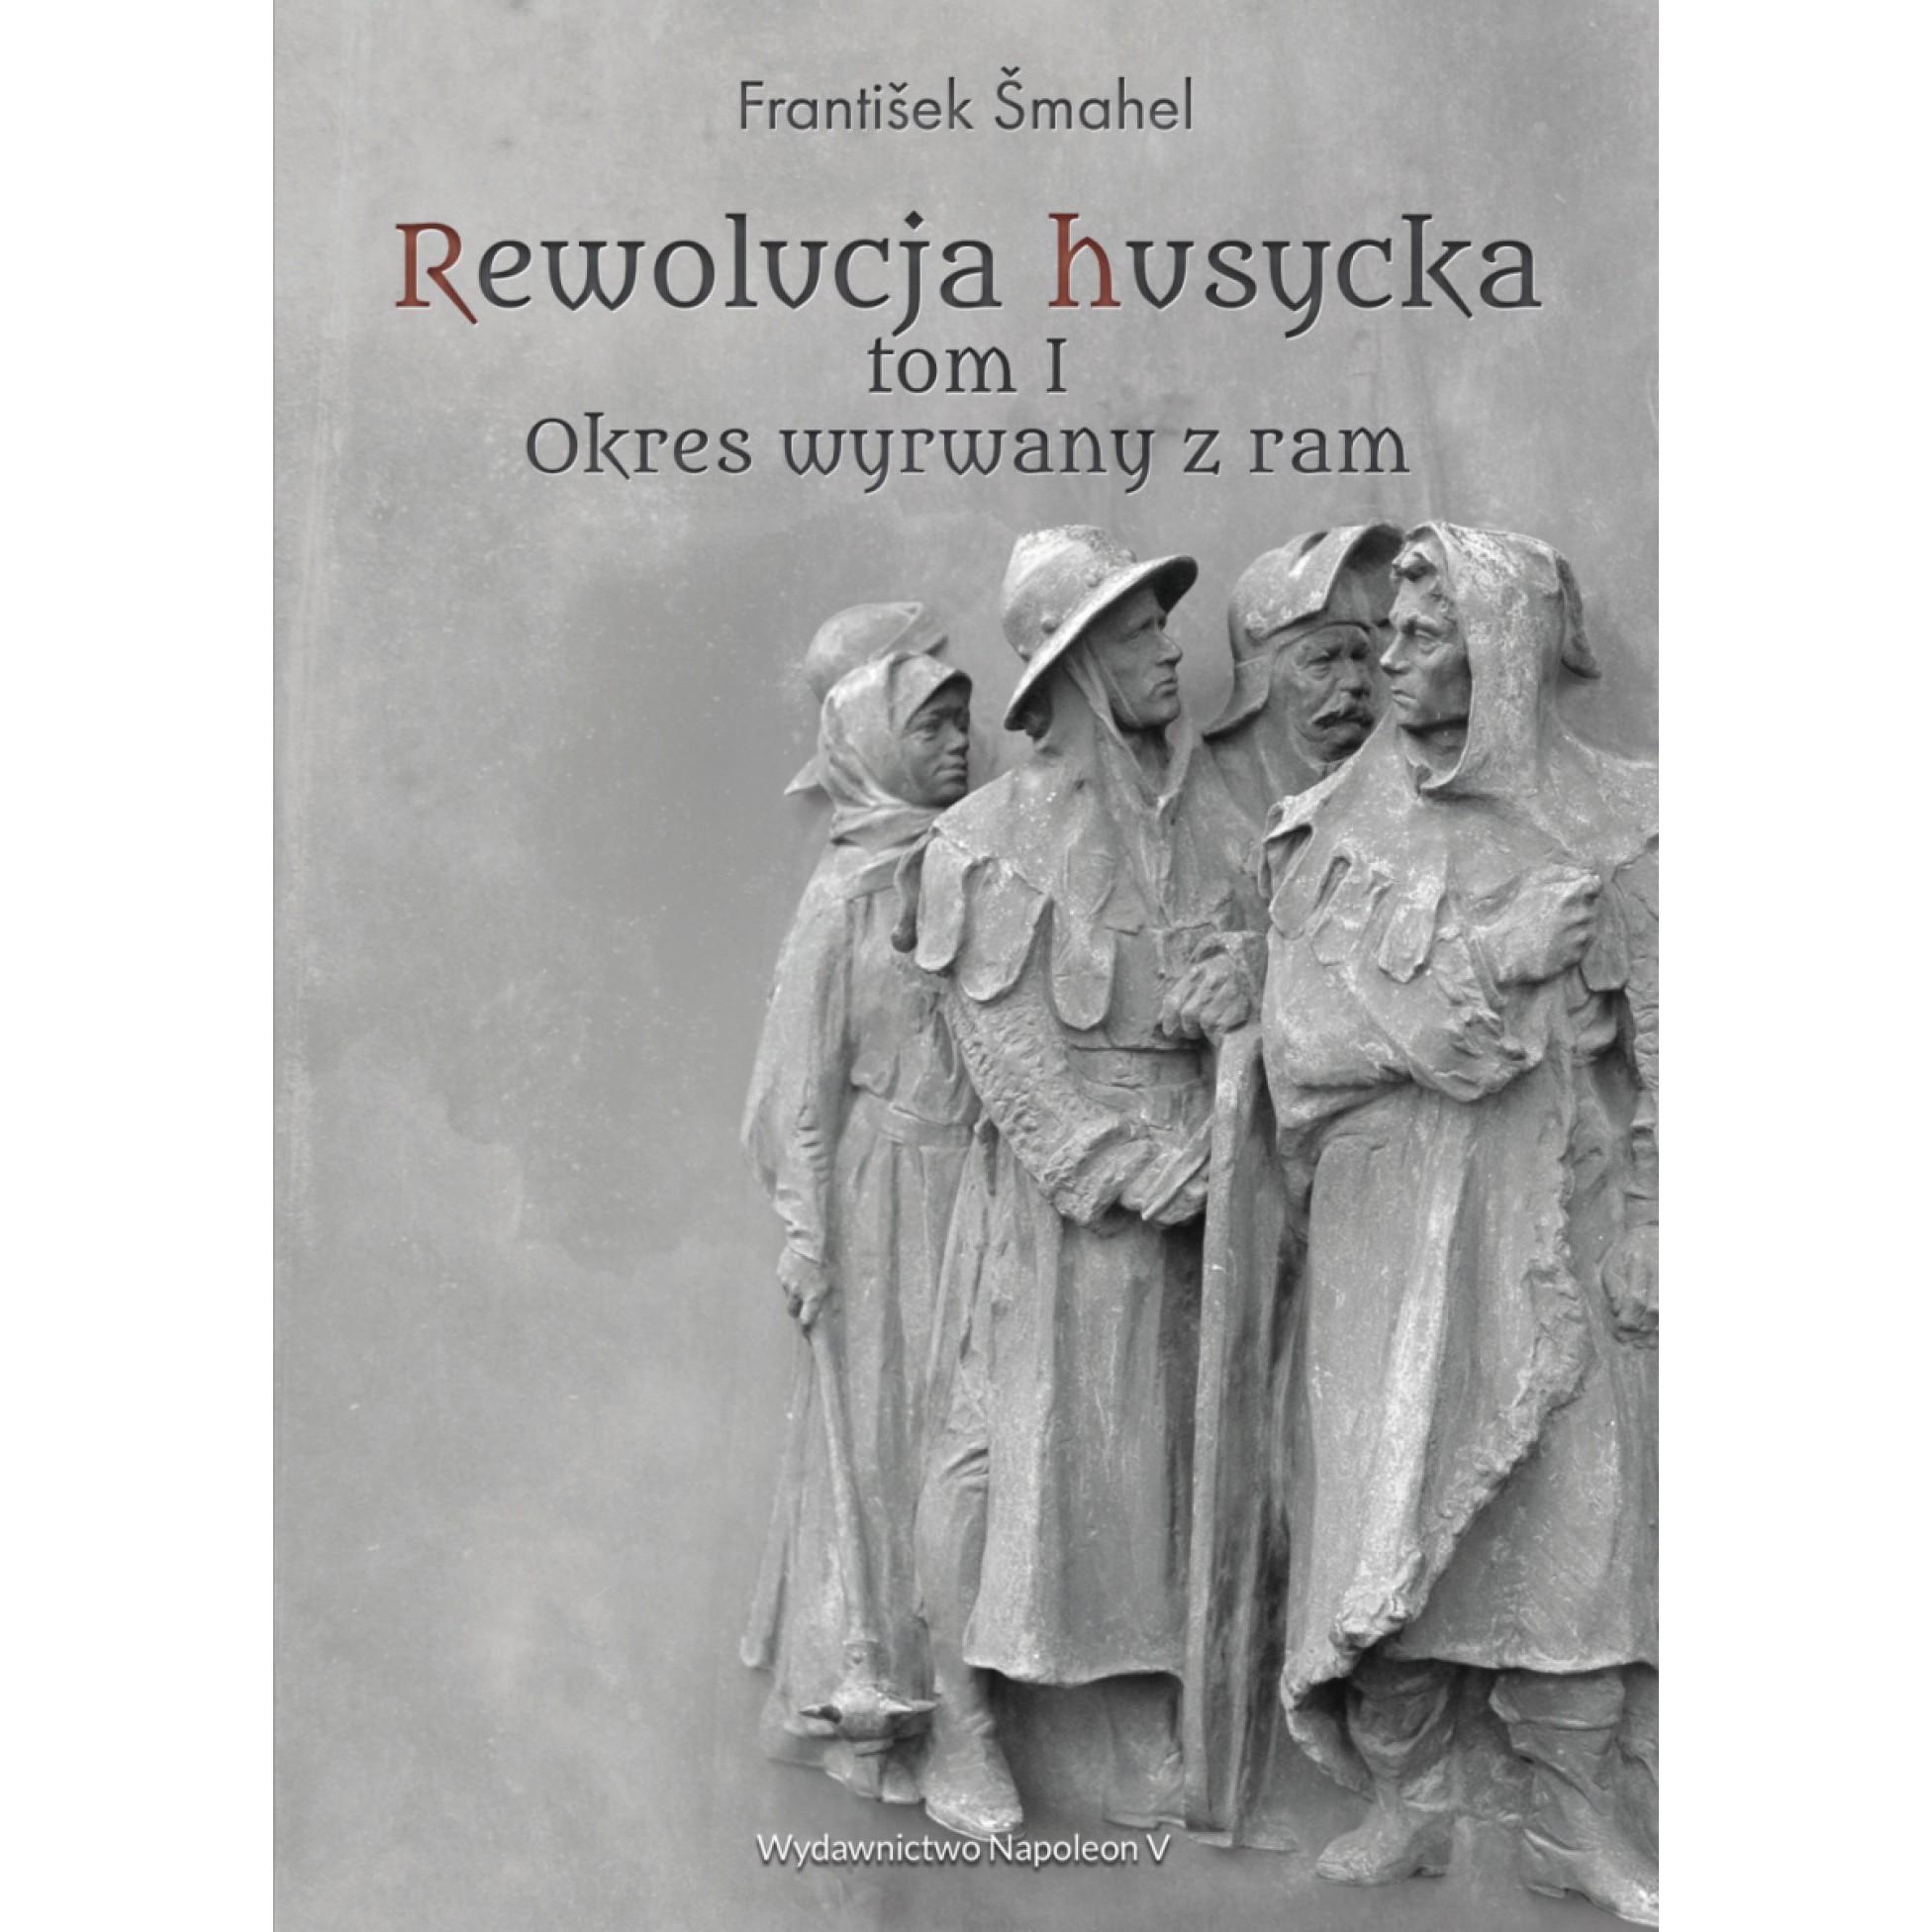 Rewolucja husycka tom I: Okres wyrwany z ram